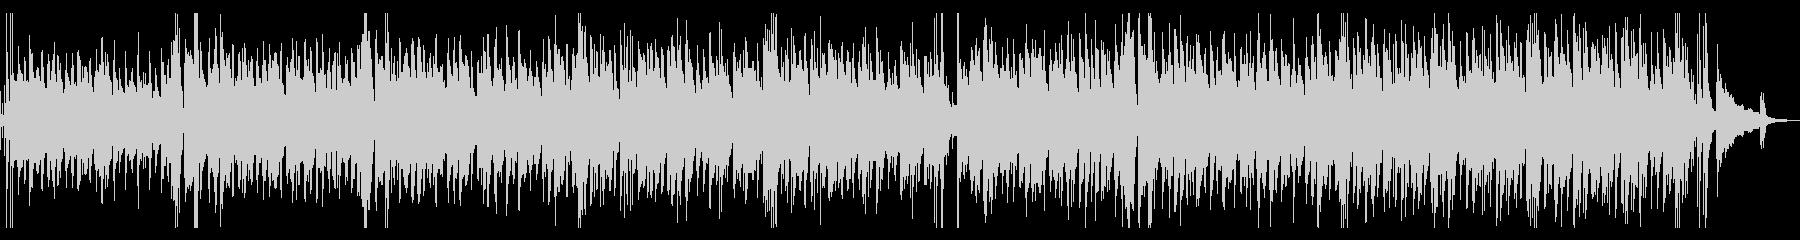 カフェBGM・疾走感のあるジャズギターの未再生の波形